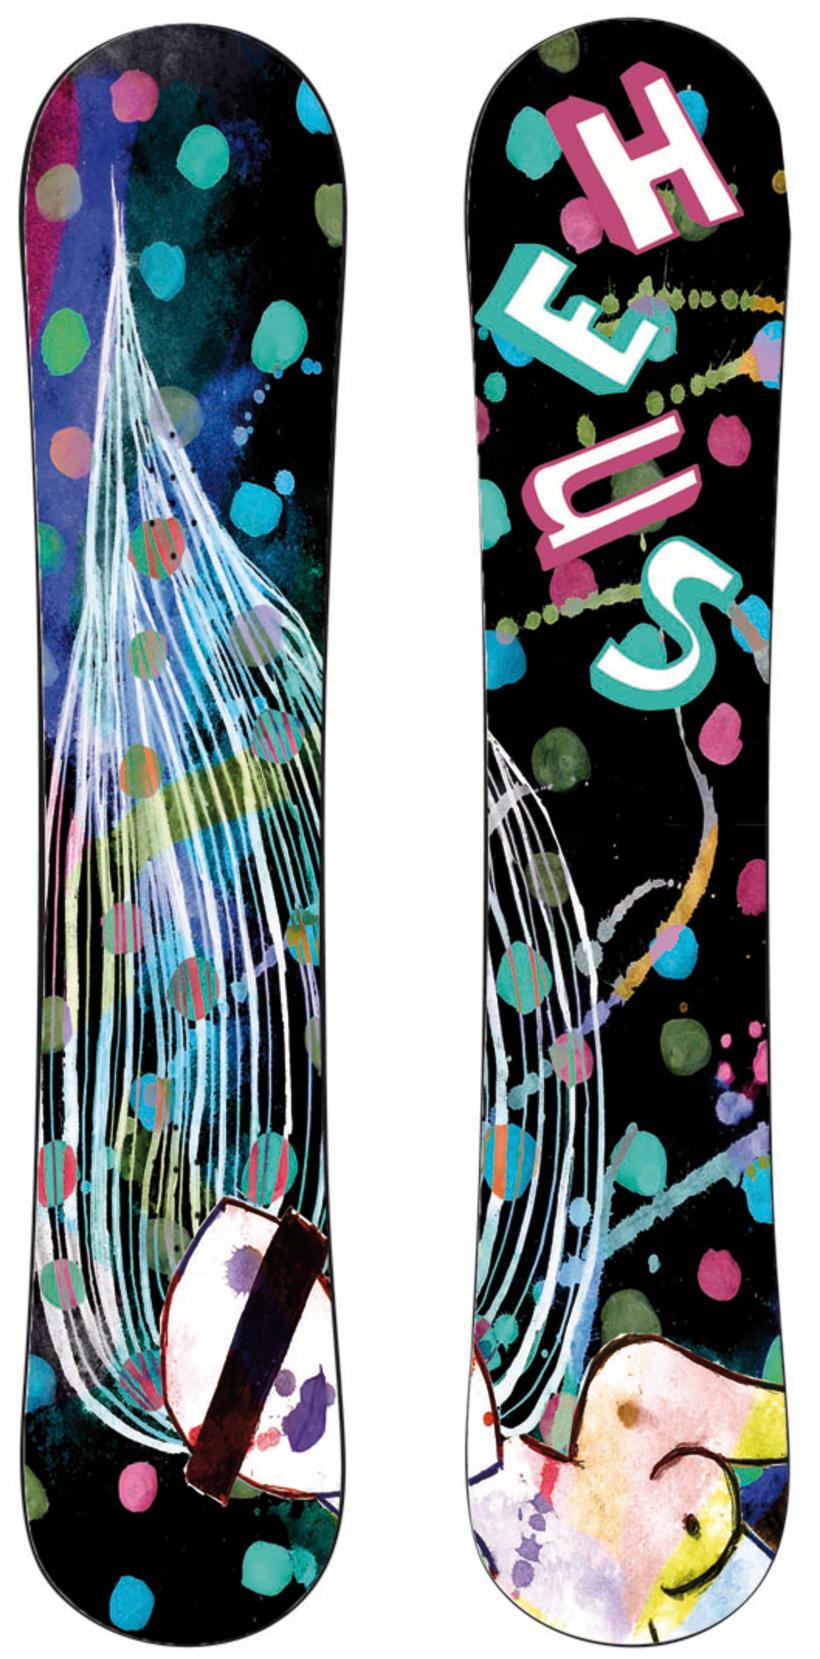 Marca de Snowboards 10